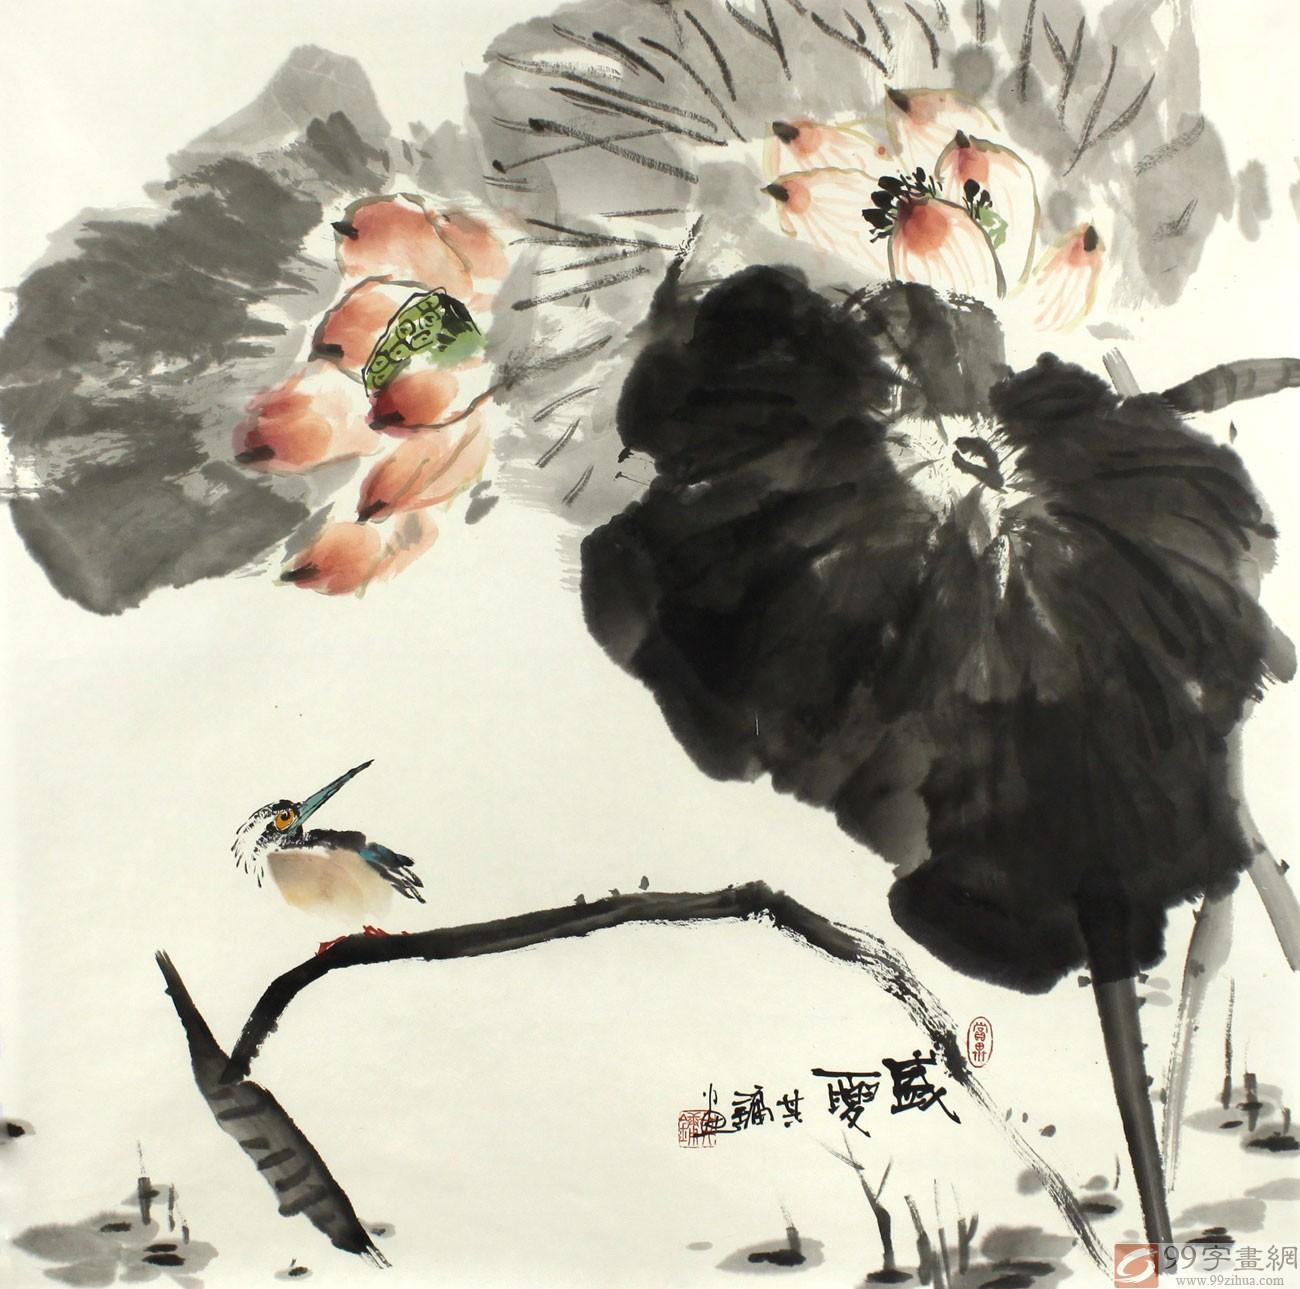 评论员路丰)刘其墉先生的这幅国画荷花《盛夏》,清香久远,荷叶硕大